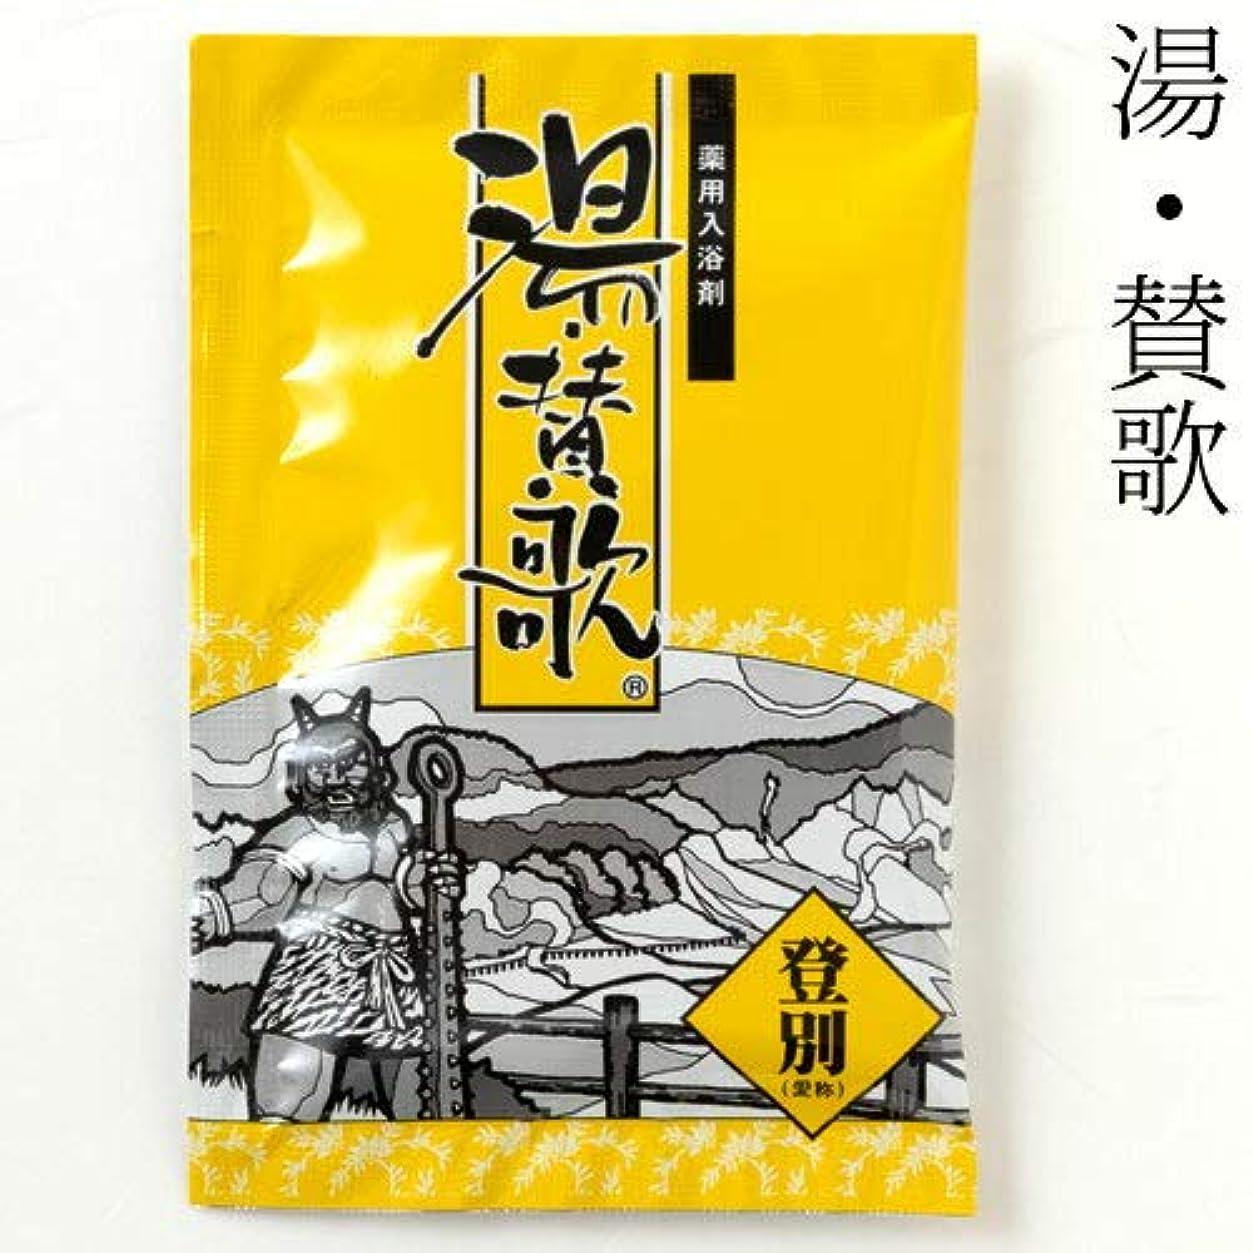 指紋明確な反対に入浴剤湯?賛歌登別1包石川県のお風呂グッズBath additive, Ishikawa craft